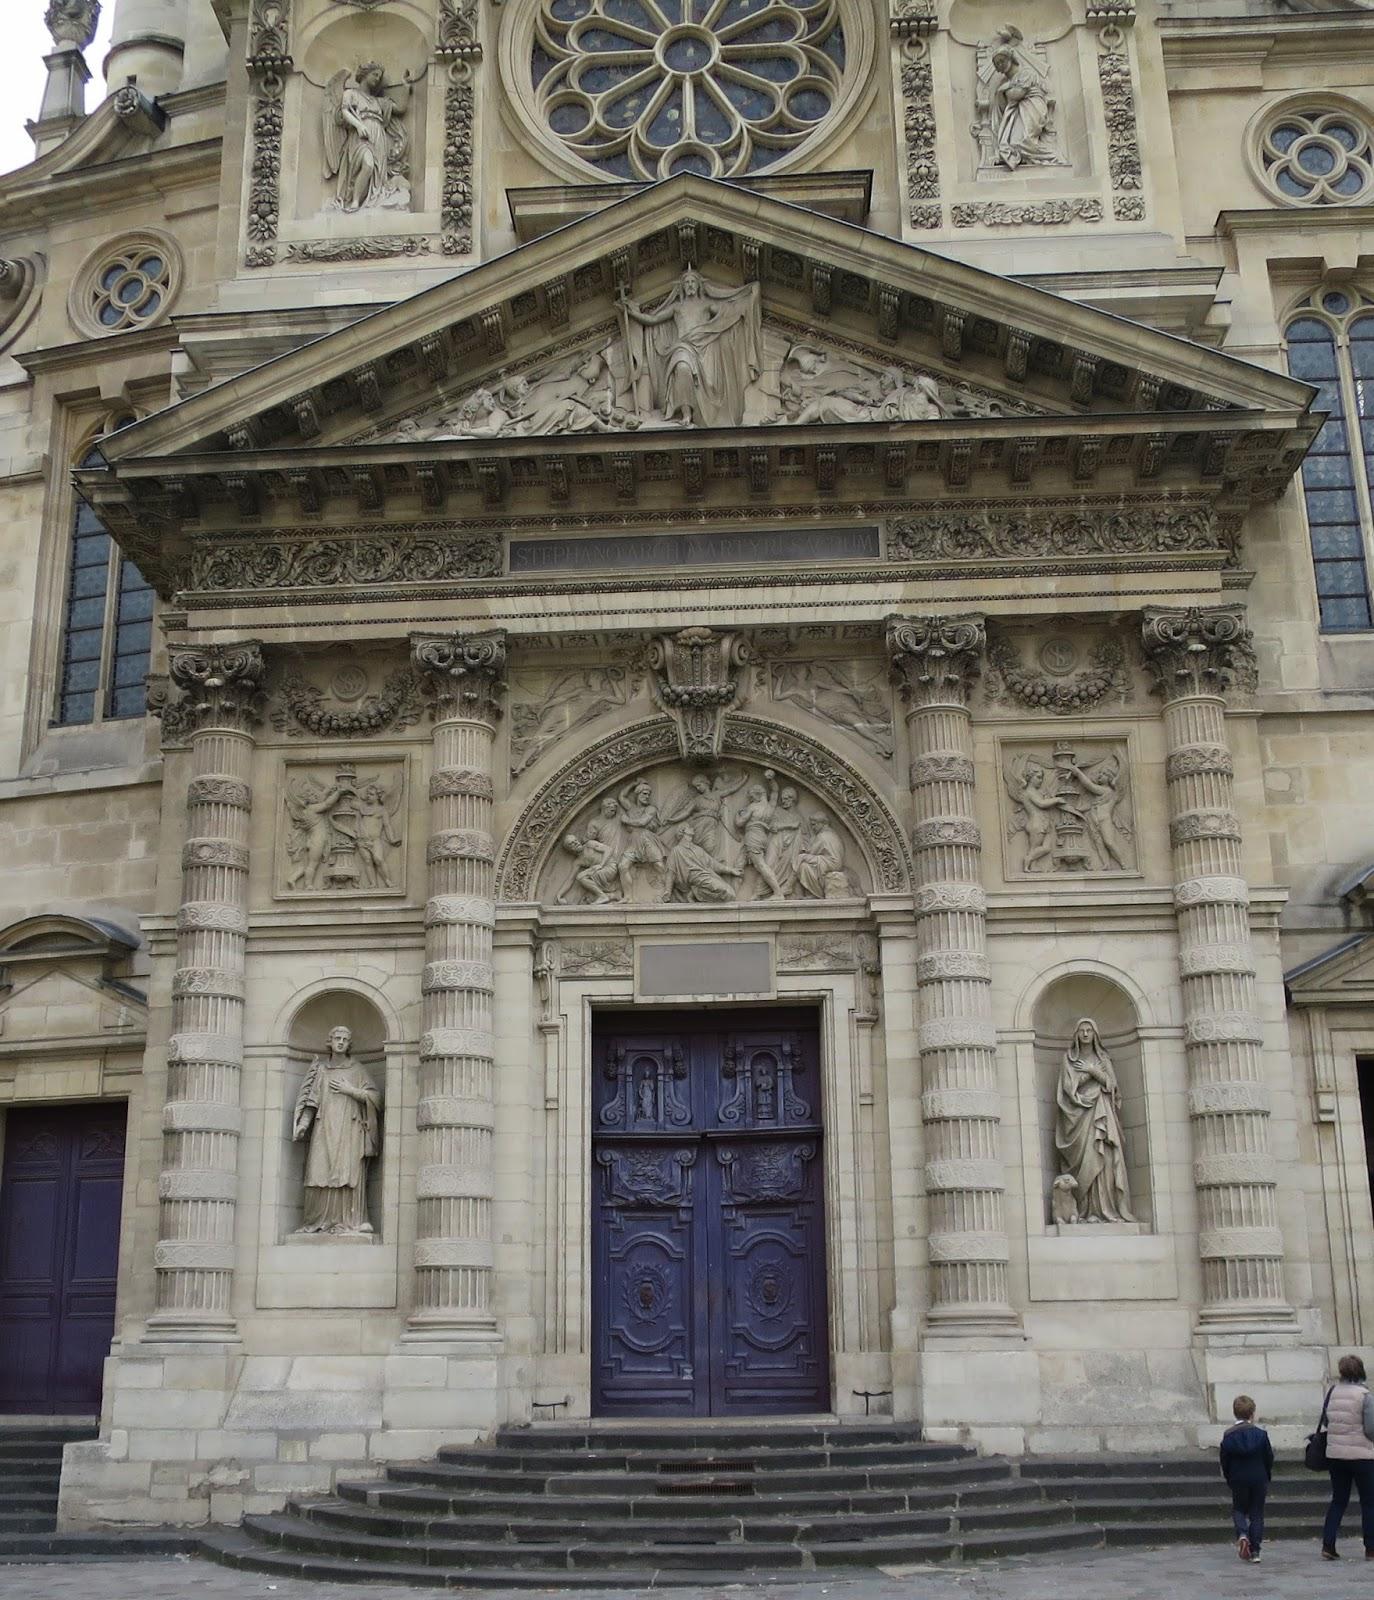 La rte le p re d 39 ulysse eglise saint etienne du mont paris v me arrondissement - Mobilier jardin d ulysse saint etienne ...